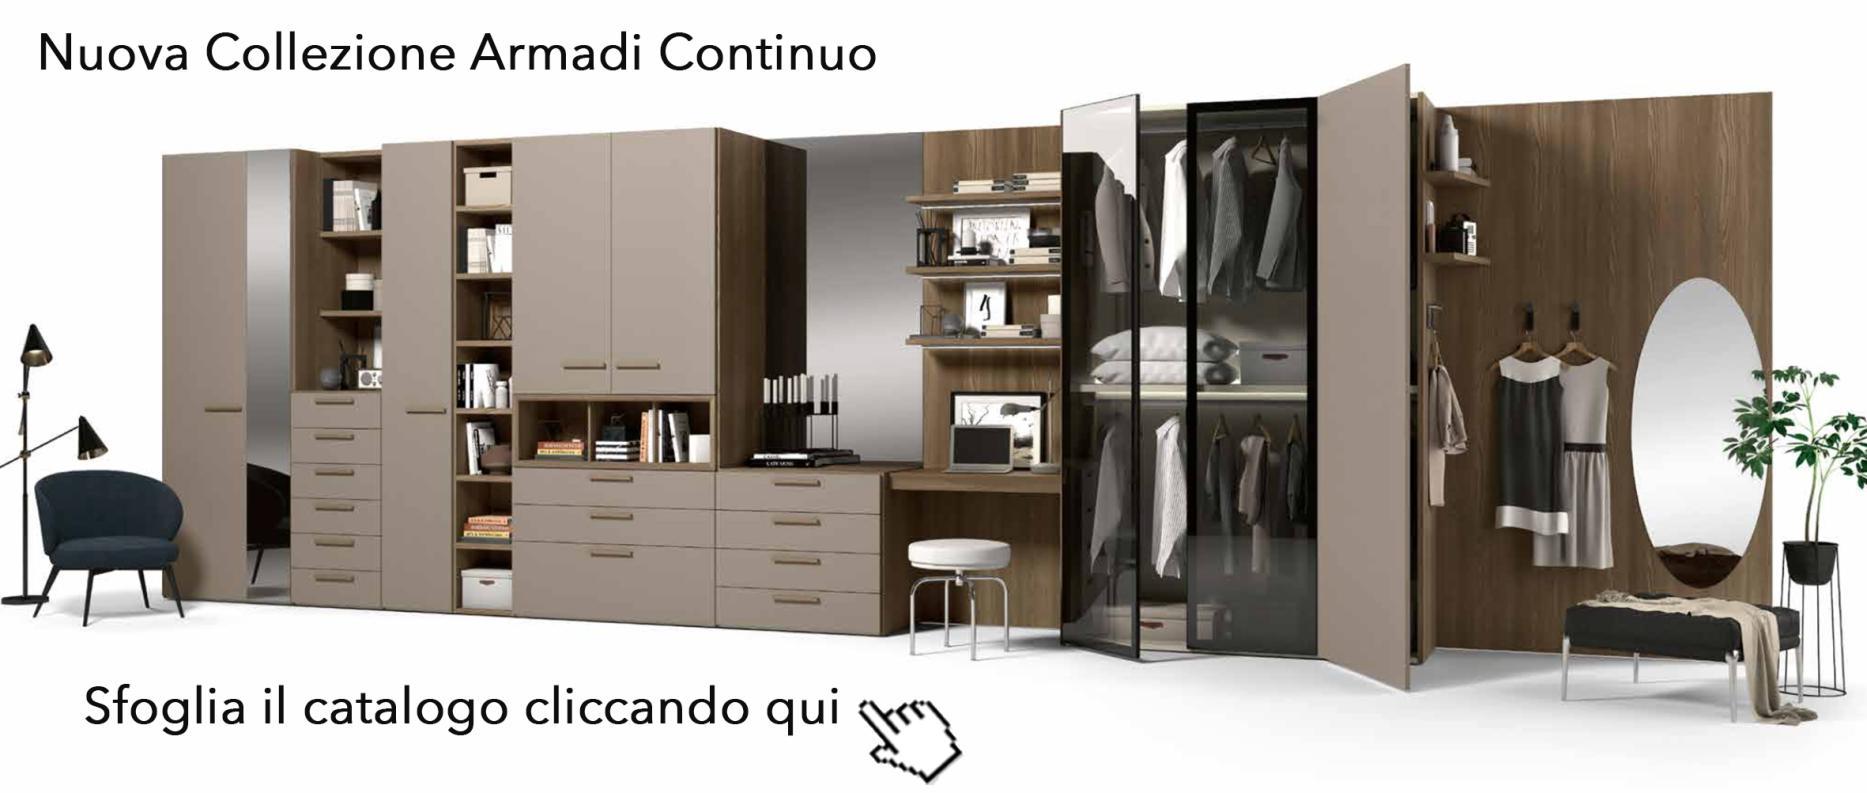 Arredamento per camere cucine ufficio a roma tutto for Sigi arredamenti palestrina